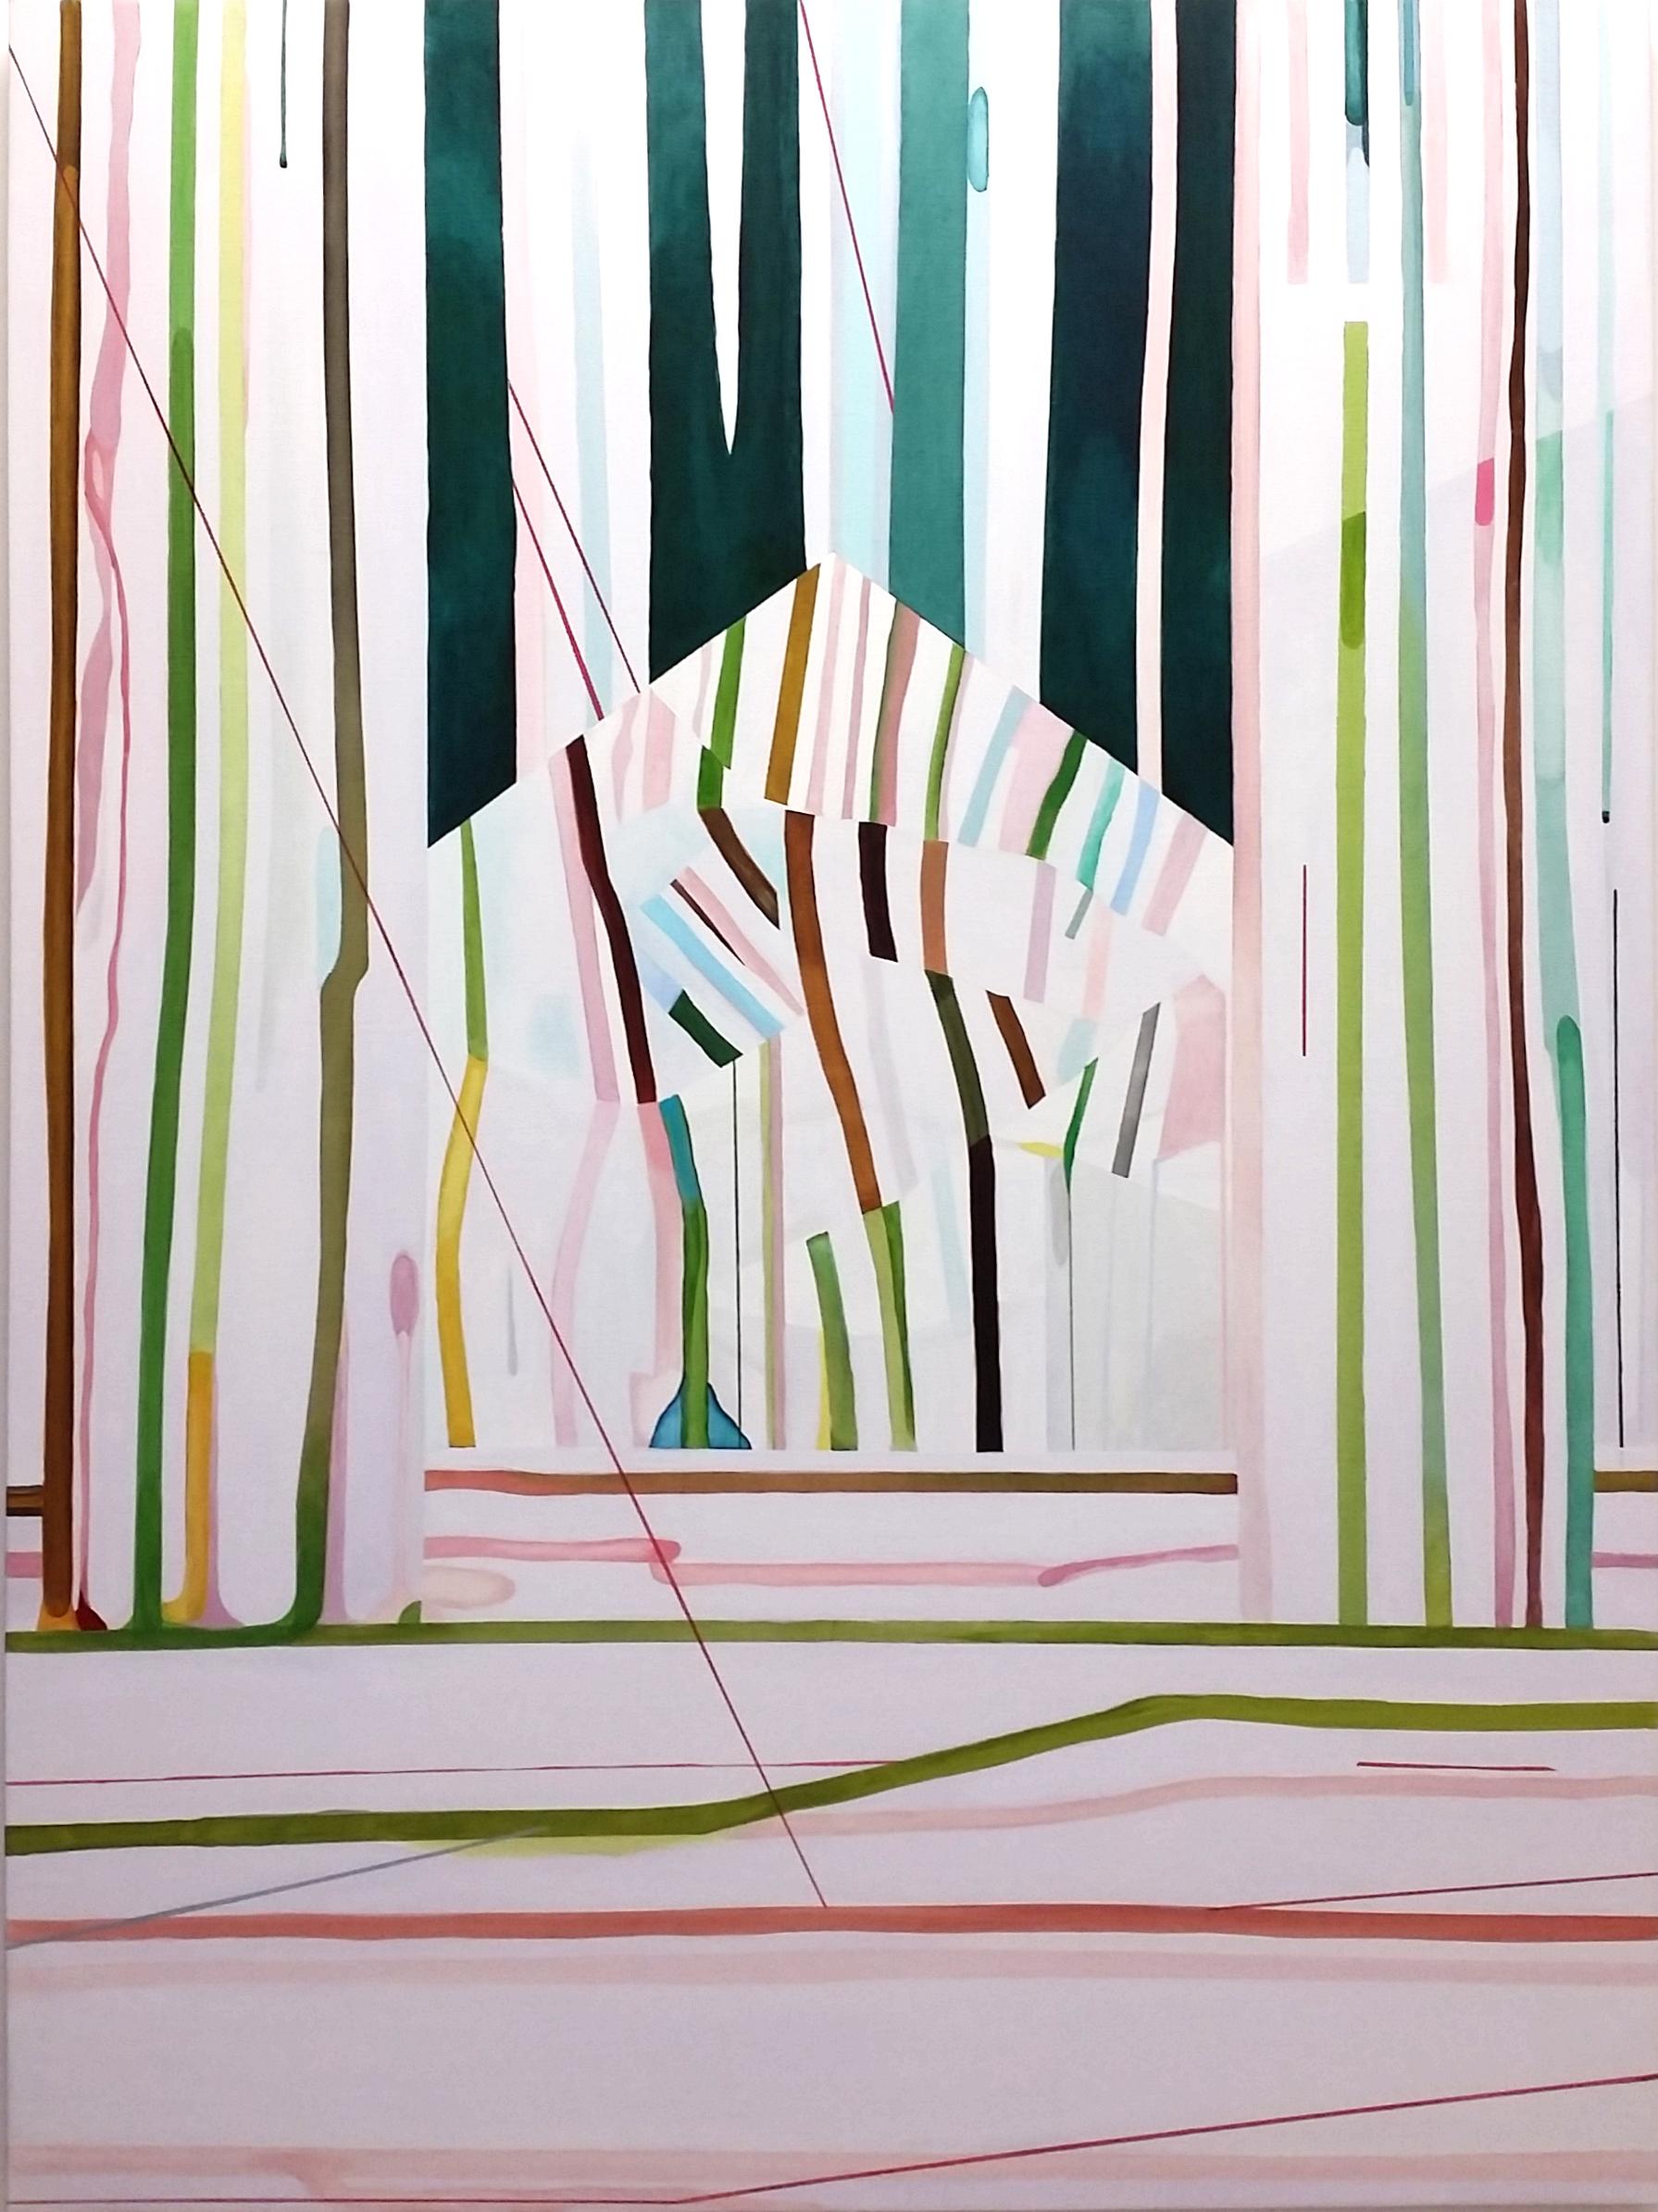 Hemvägen (2014), Vintervägen (2014), olja på duk / oil on canvas, 190x134cm. ©Hillevi Berglund bildupphovsrätt (2017).